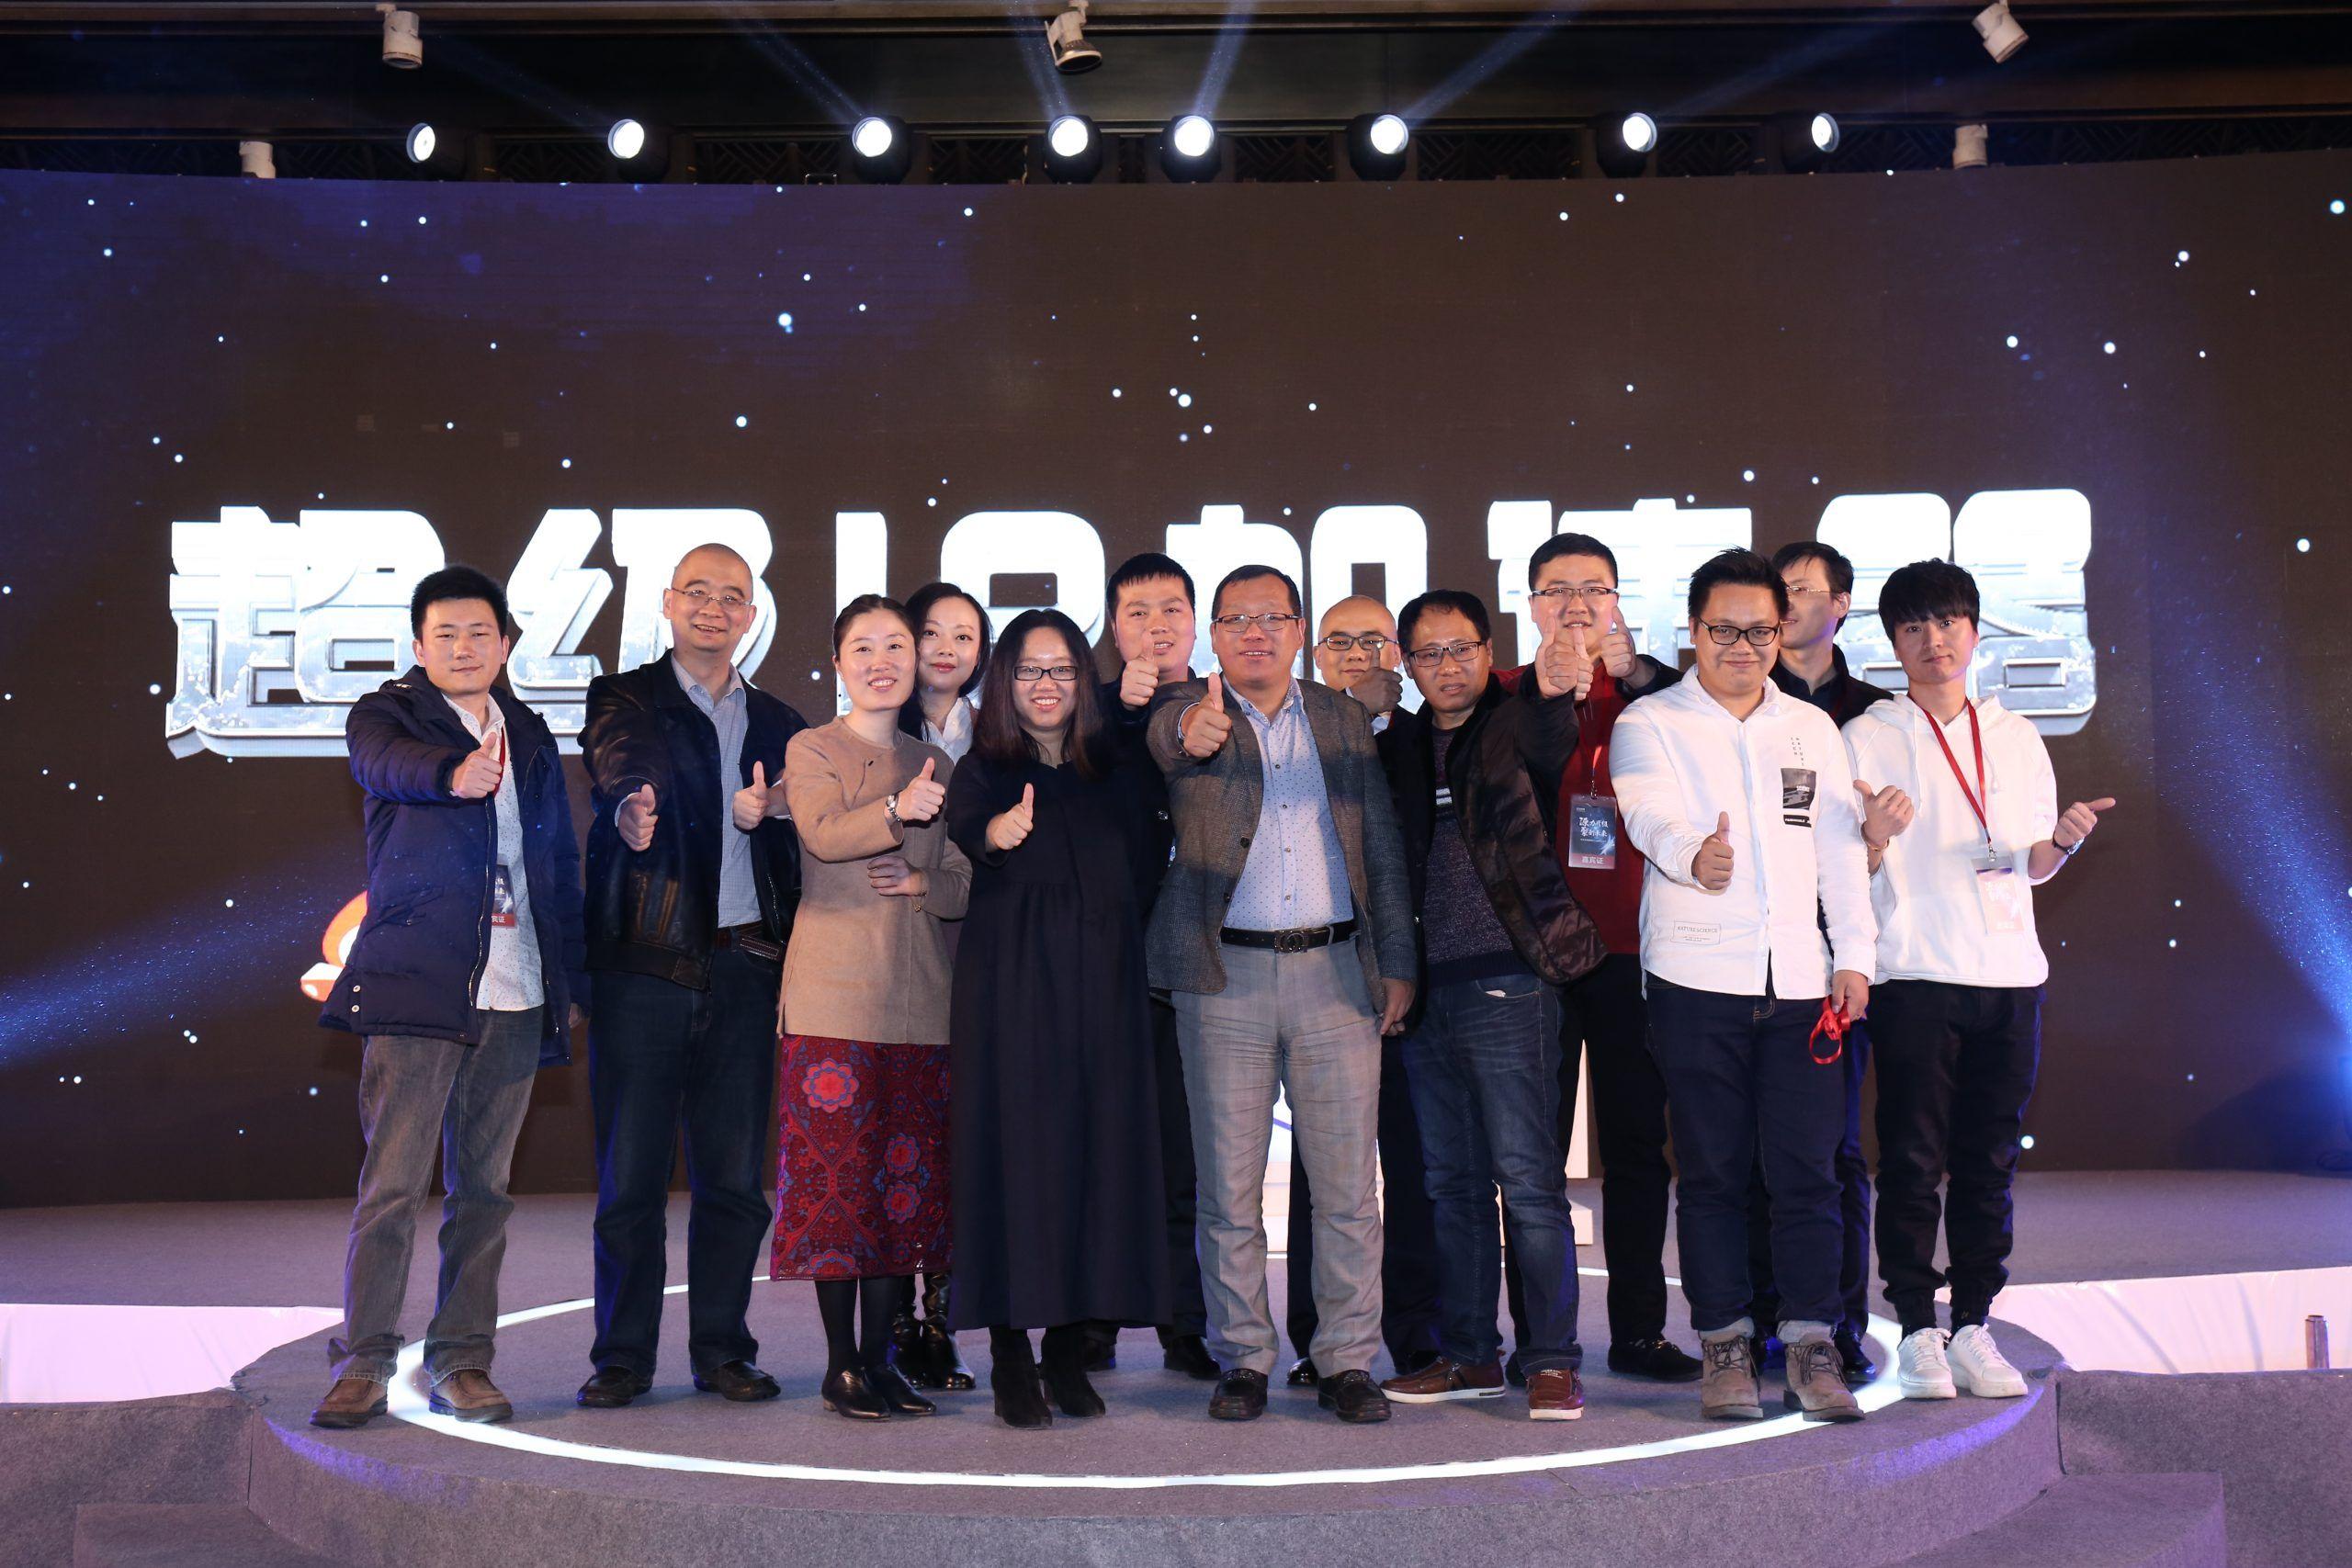 中文在线挺进超级IP2.0时代